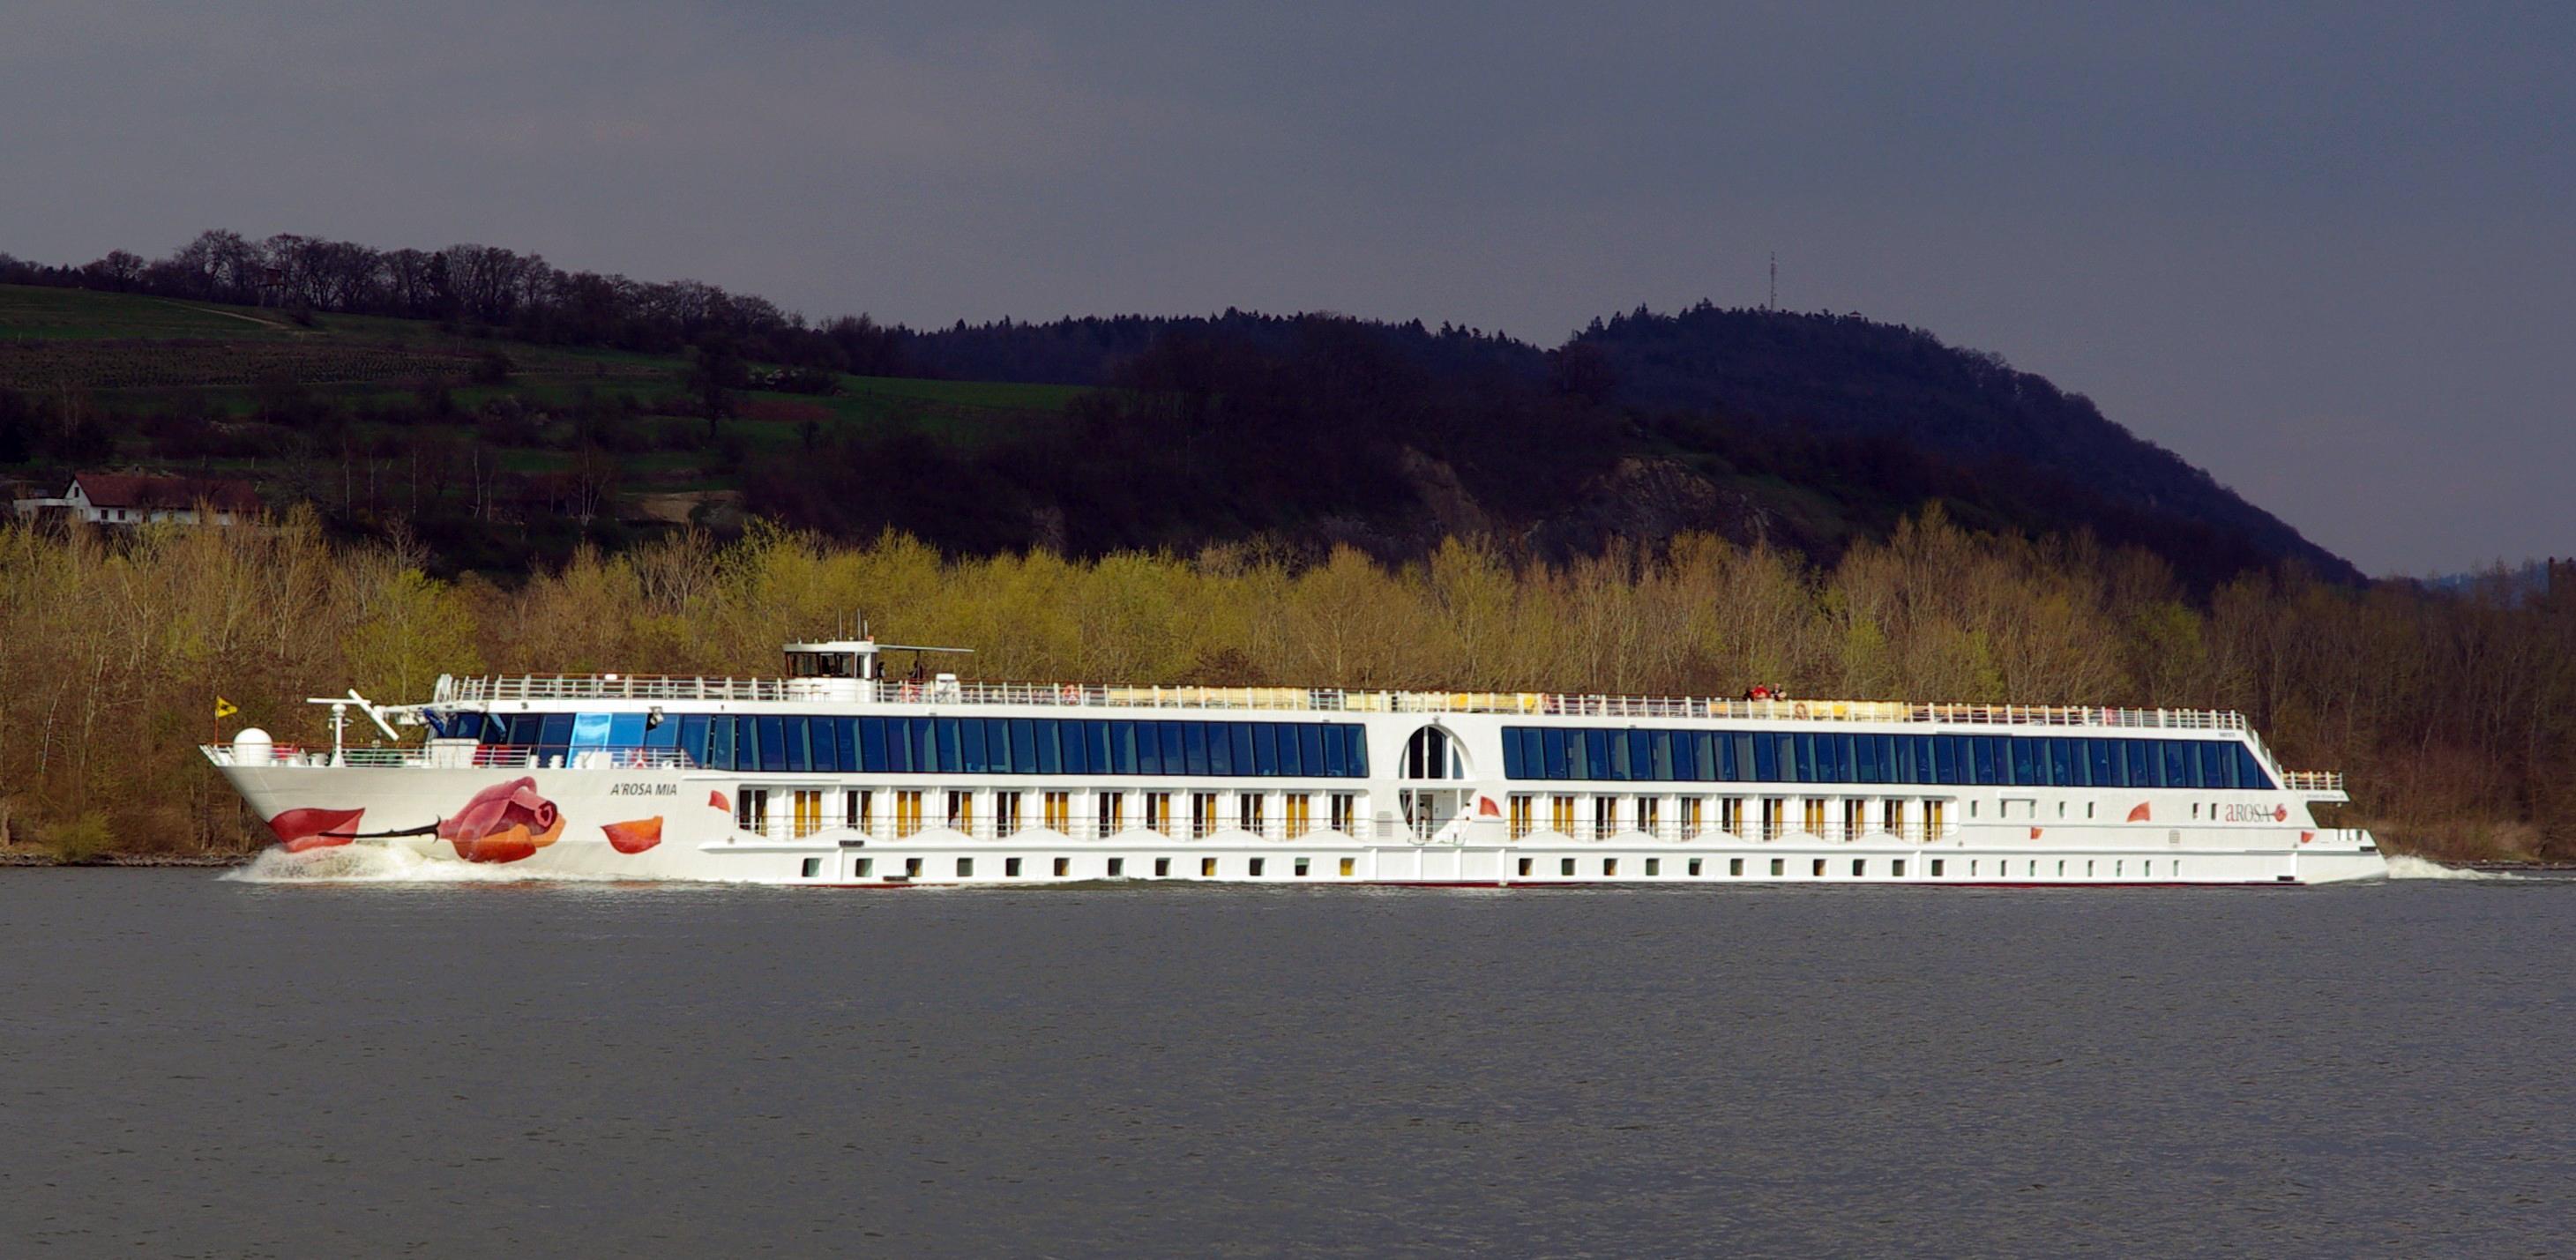 aRosa Mia Shipwreck Danube Allision